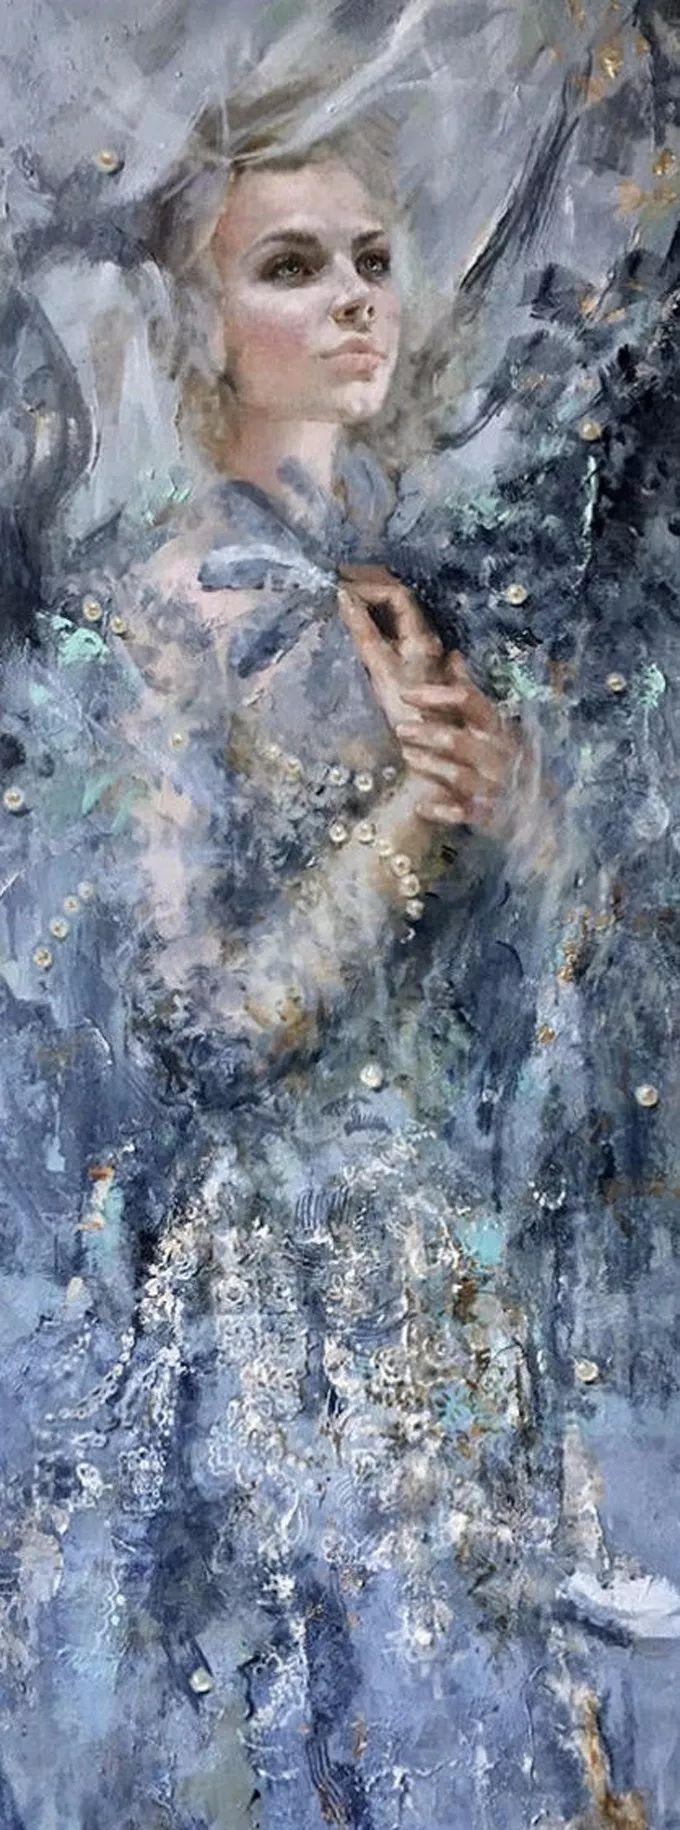 她的油画里,有一种惊艳脱俗的美!插图25